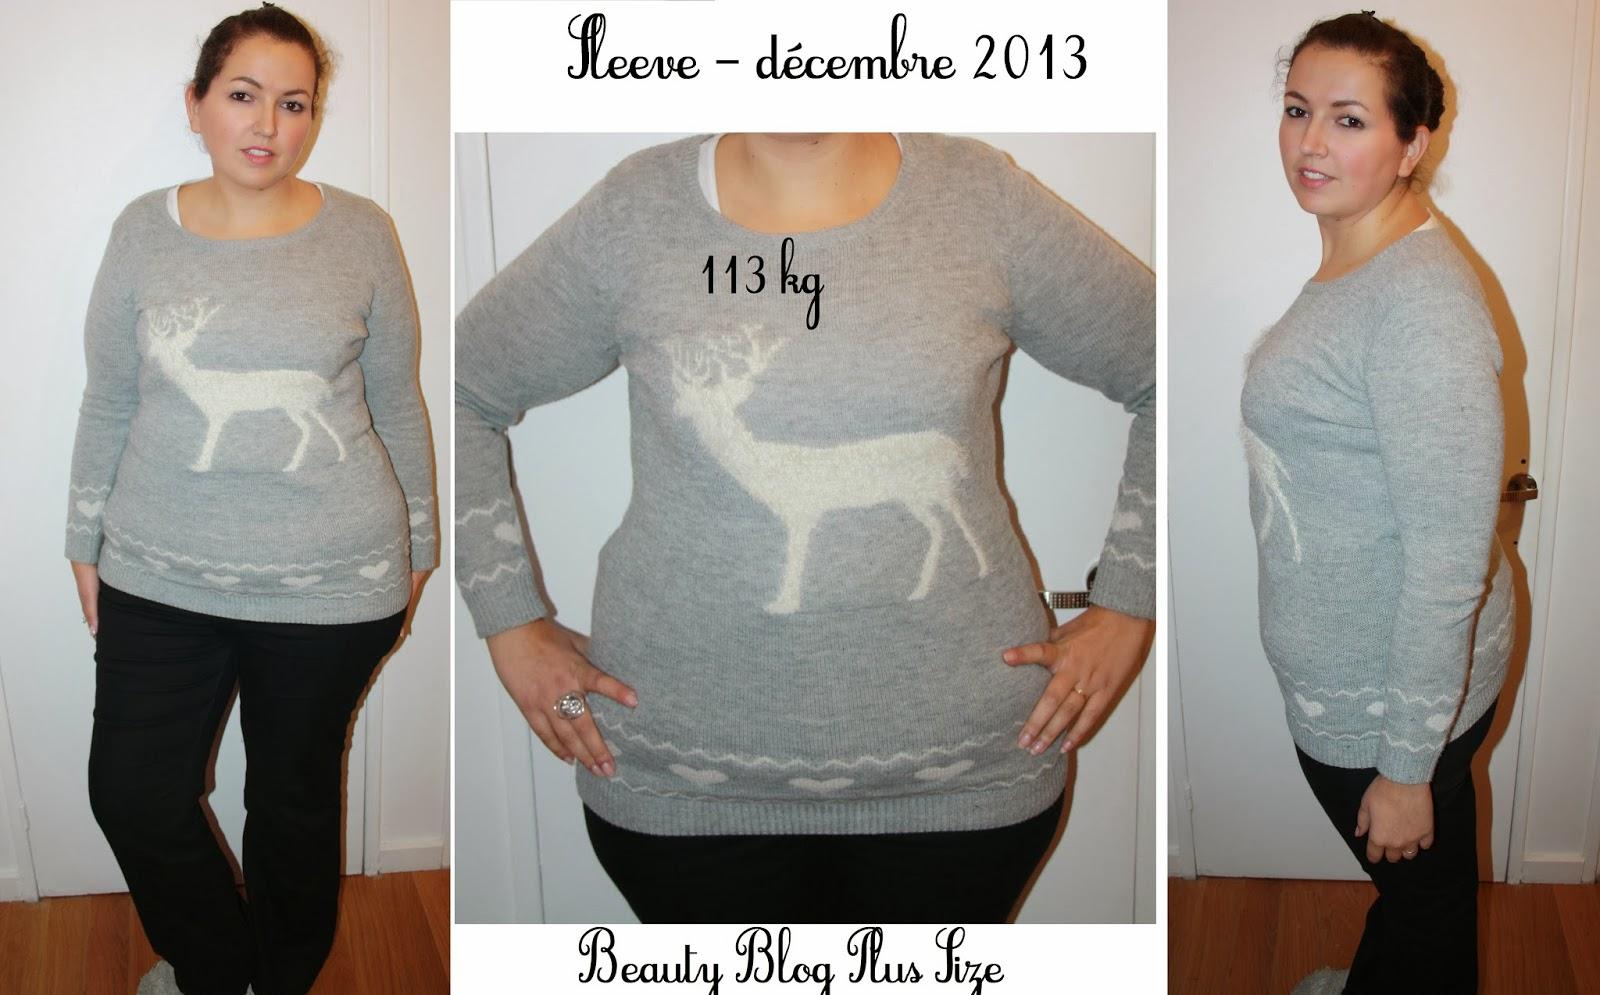 beauty blog plus size raconte ma vie 3 perdre 40 kg a donne quoi en images sleeve. Black Bedroom Furniture Sets. Home Design Ideas